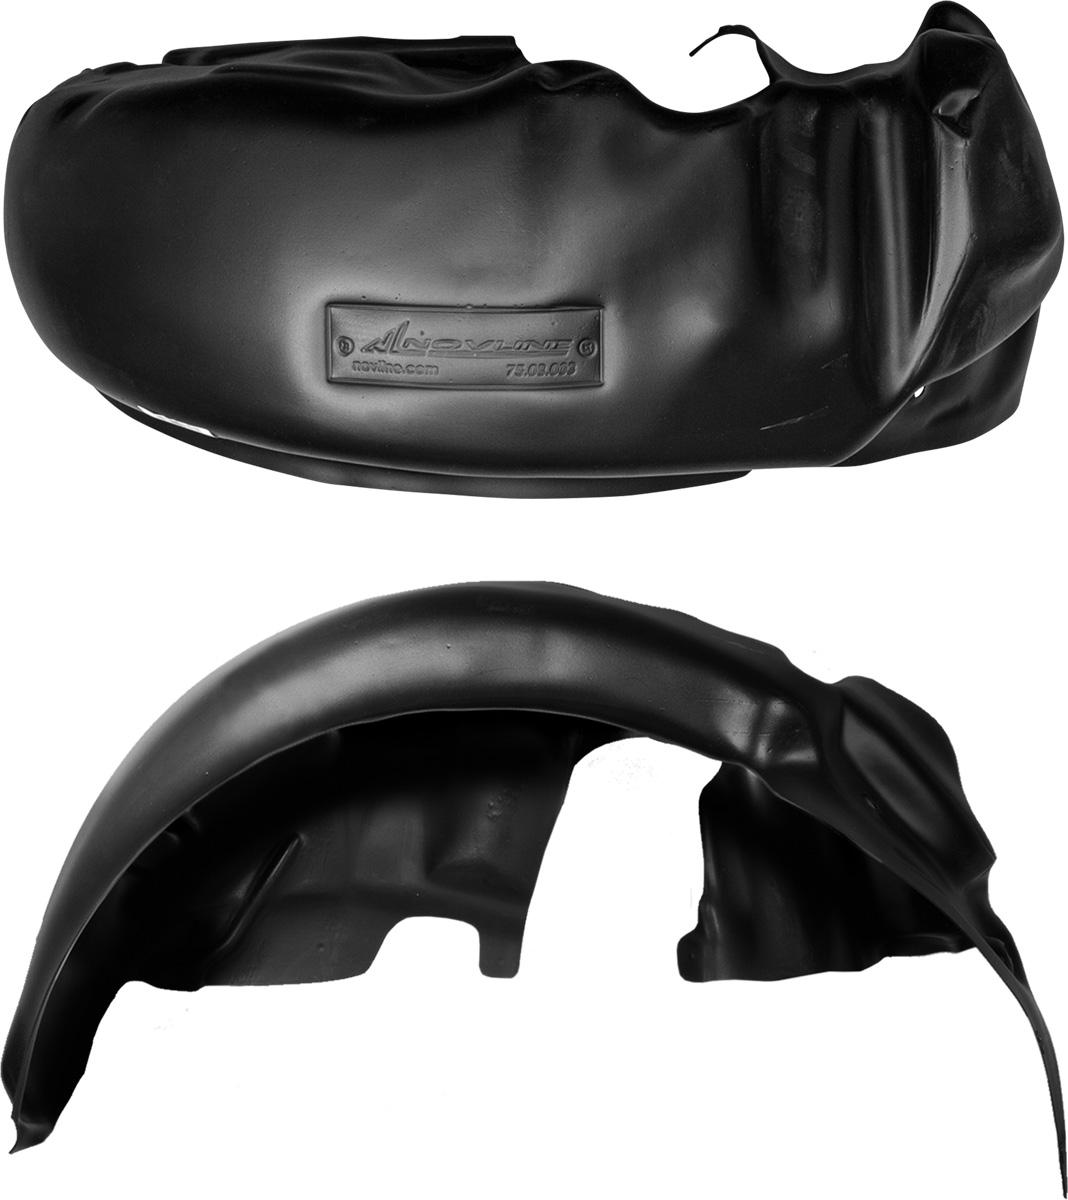 Подкрылок TOYOTA Land Cruiser 200, 11/2007- 2011, 2012-2015, 2015->, задний левыйNLL.48.17.003Колесные ниши – одни из самых уязвимых зон днища вашего автомобиля. Они постоянно подвергаются воздействию со стороны дороги. Лучшая, почти абсолютная защита для них - специально отформованные пластиковые кожухи, которые называются подкрылками, или локерами. Производятся они как для отечественных моделей автомобилей, так и для иномарок. Подкрылки выполнены из высококачественного, экологически чистого пластика. Обеспечивают надежную защиту кузова автомобиля от пескоструйного эффекта и негативного влияния, агрессивных антигололедных реагентов. Пластик обладает более низкой теплопроводностью, чем металл, поэтому в зимний период эксплуатации использование пластиковых подкрылков позволяет лучше защитить колесные ниши от налипания снега и образования наледи. Оригинальность конструкции подчеркивает элегантность автомобиля, бережно защищает нанесенное на днище кузова антикоррозийное покрытие и позволяет осуществить крепление подкрылков внутри колесной арки практически без дополнительного...